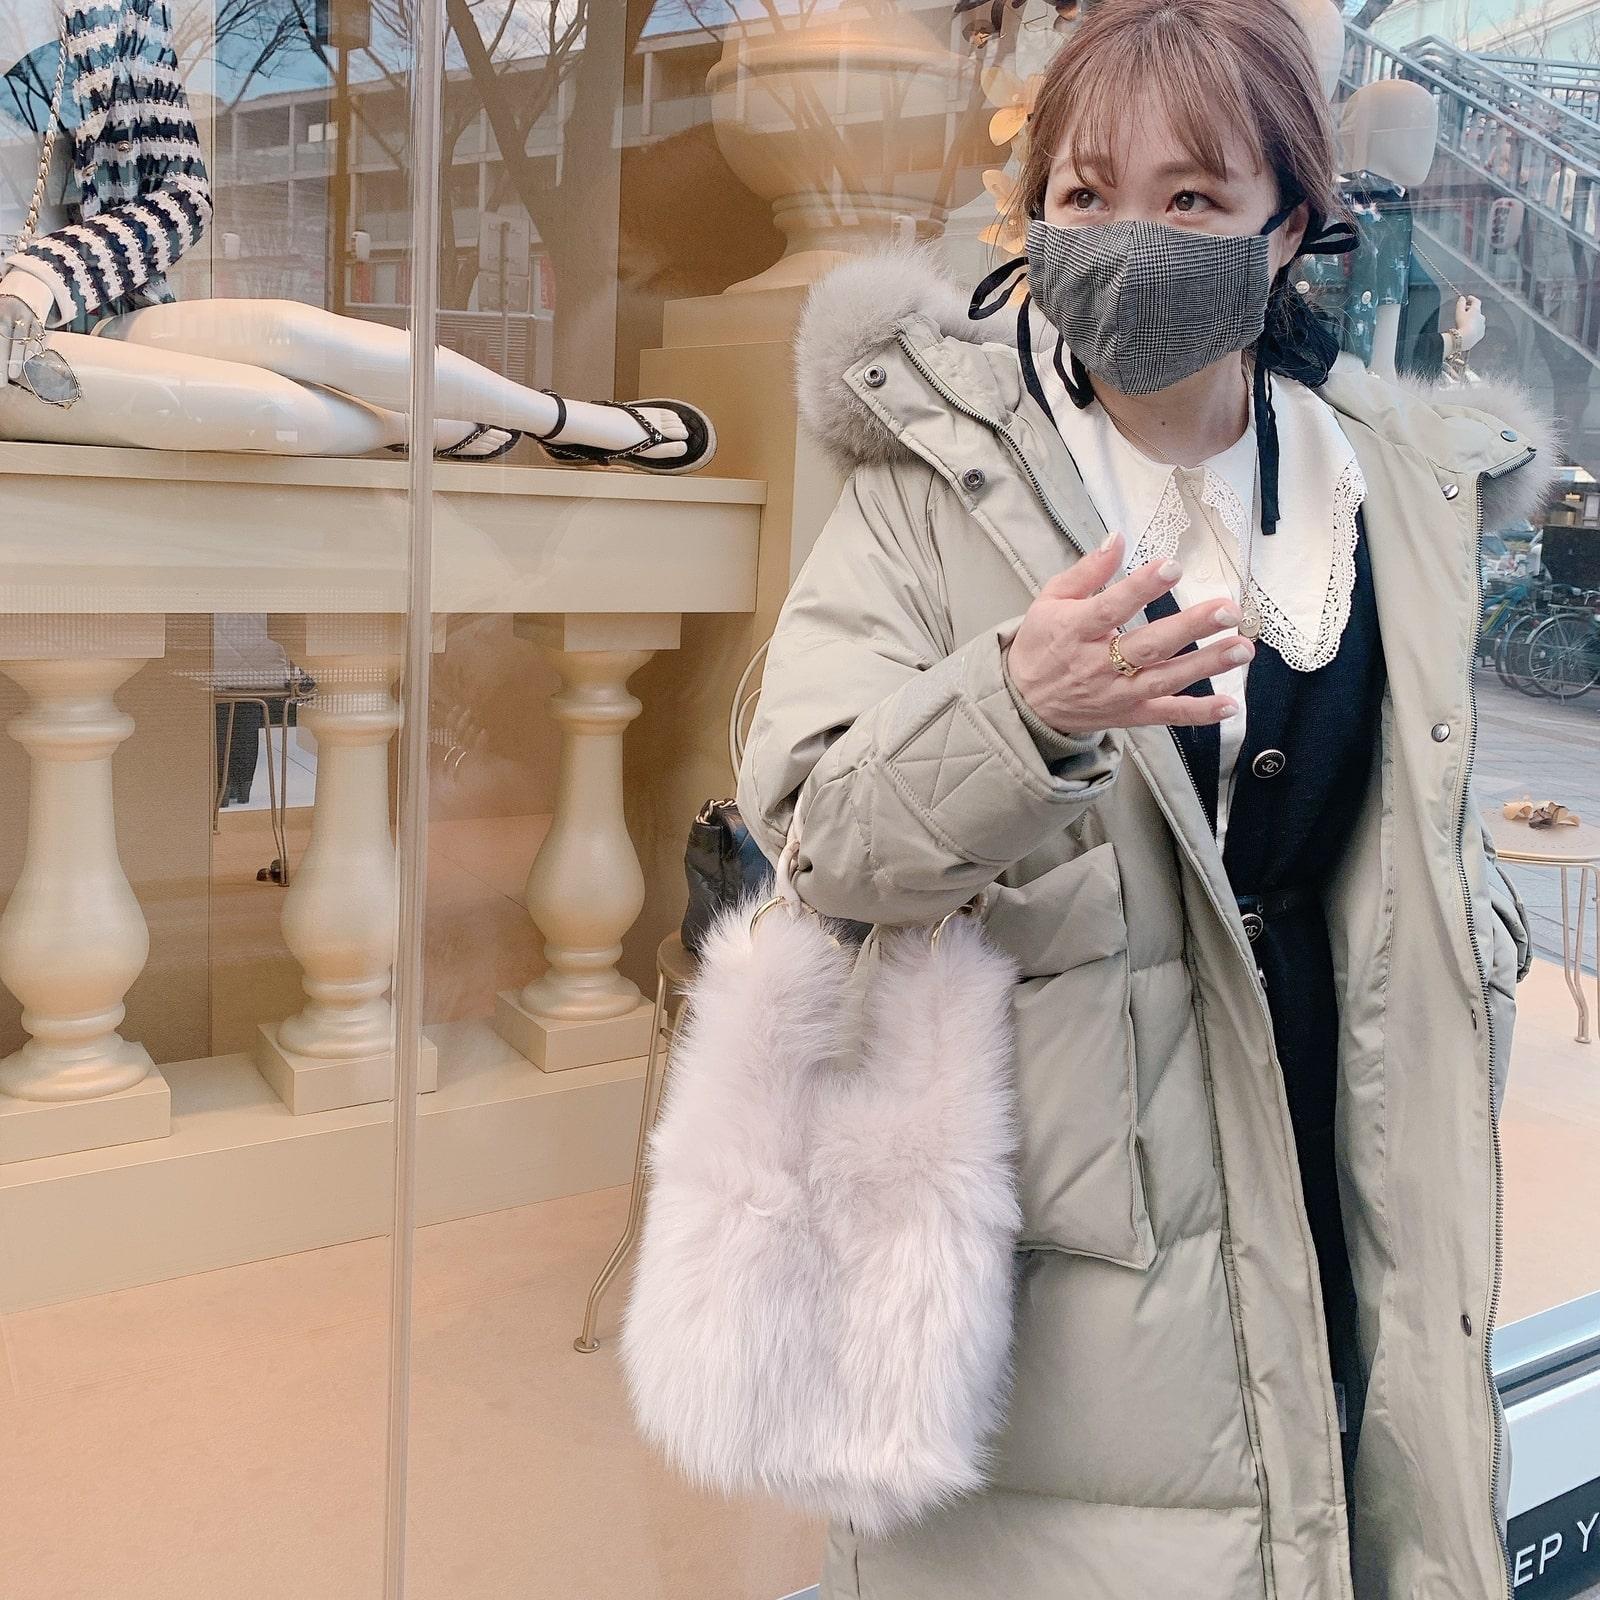 2020新作 ムートンバッグ My PuffyTeddy 11/12 20:00発売